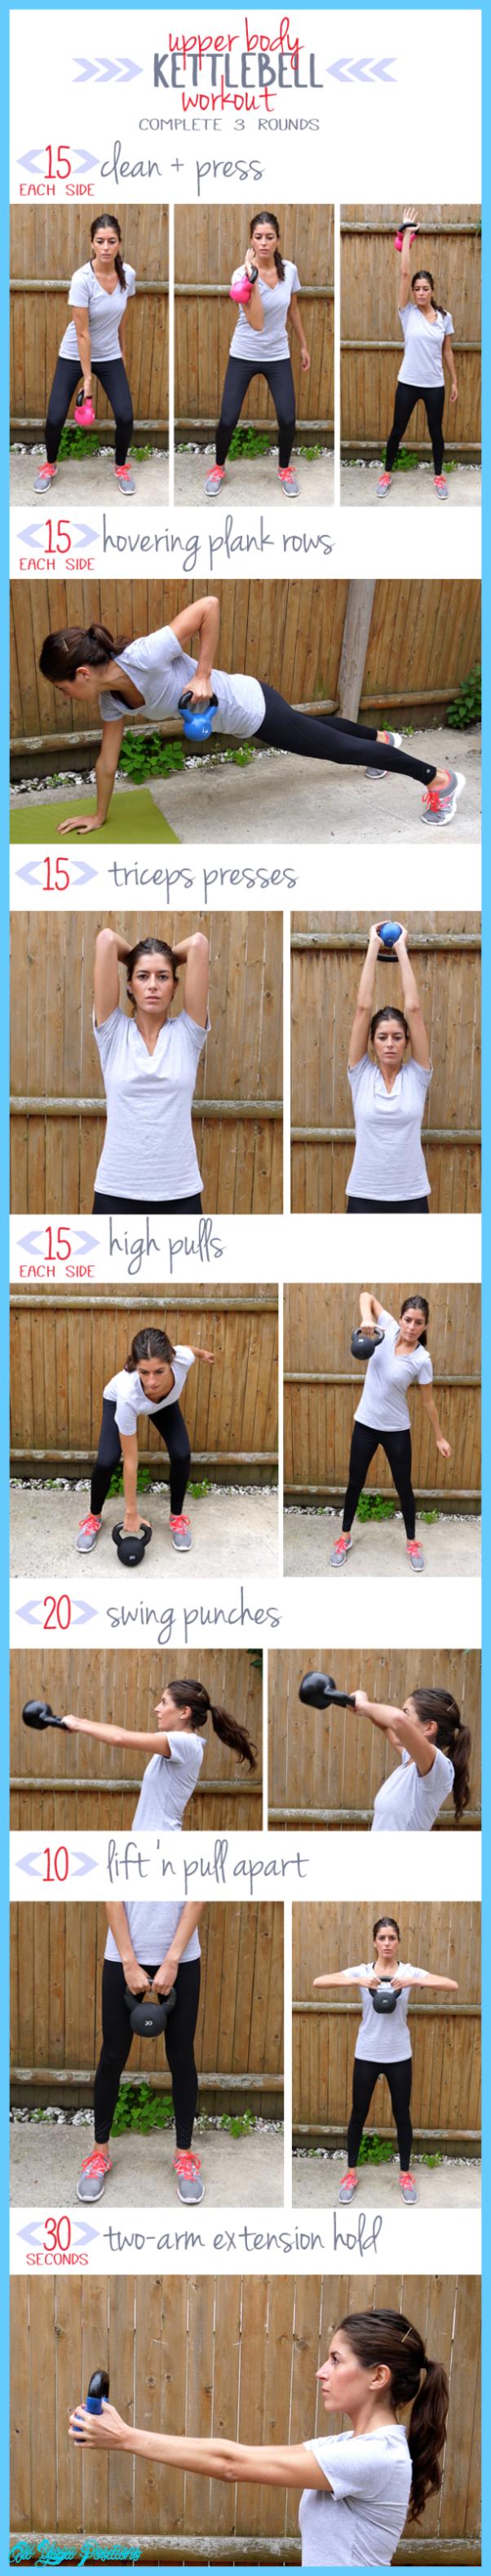 Best Lower Body Kettlebell Exercises_0.jpg